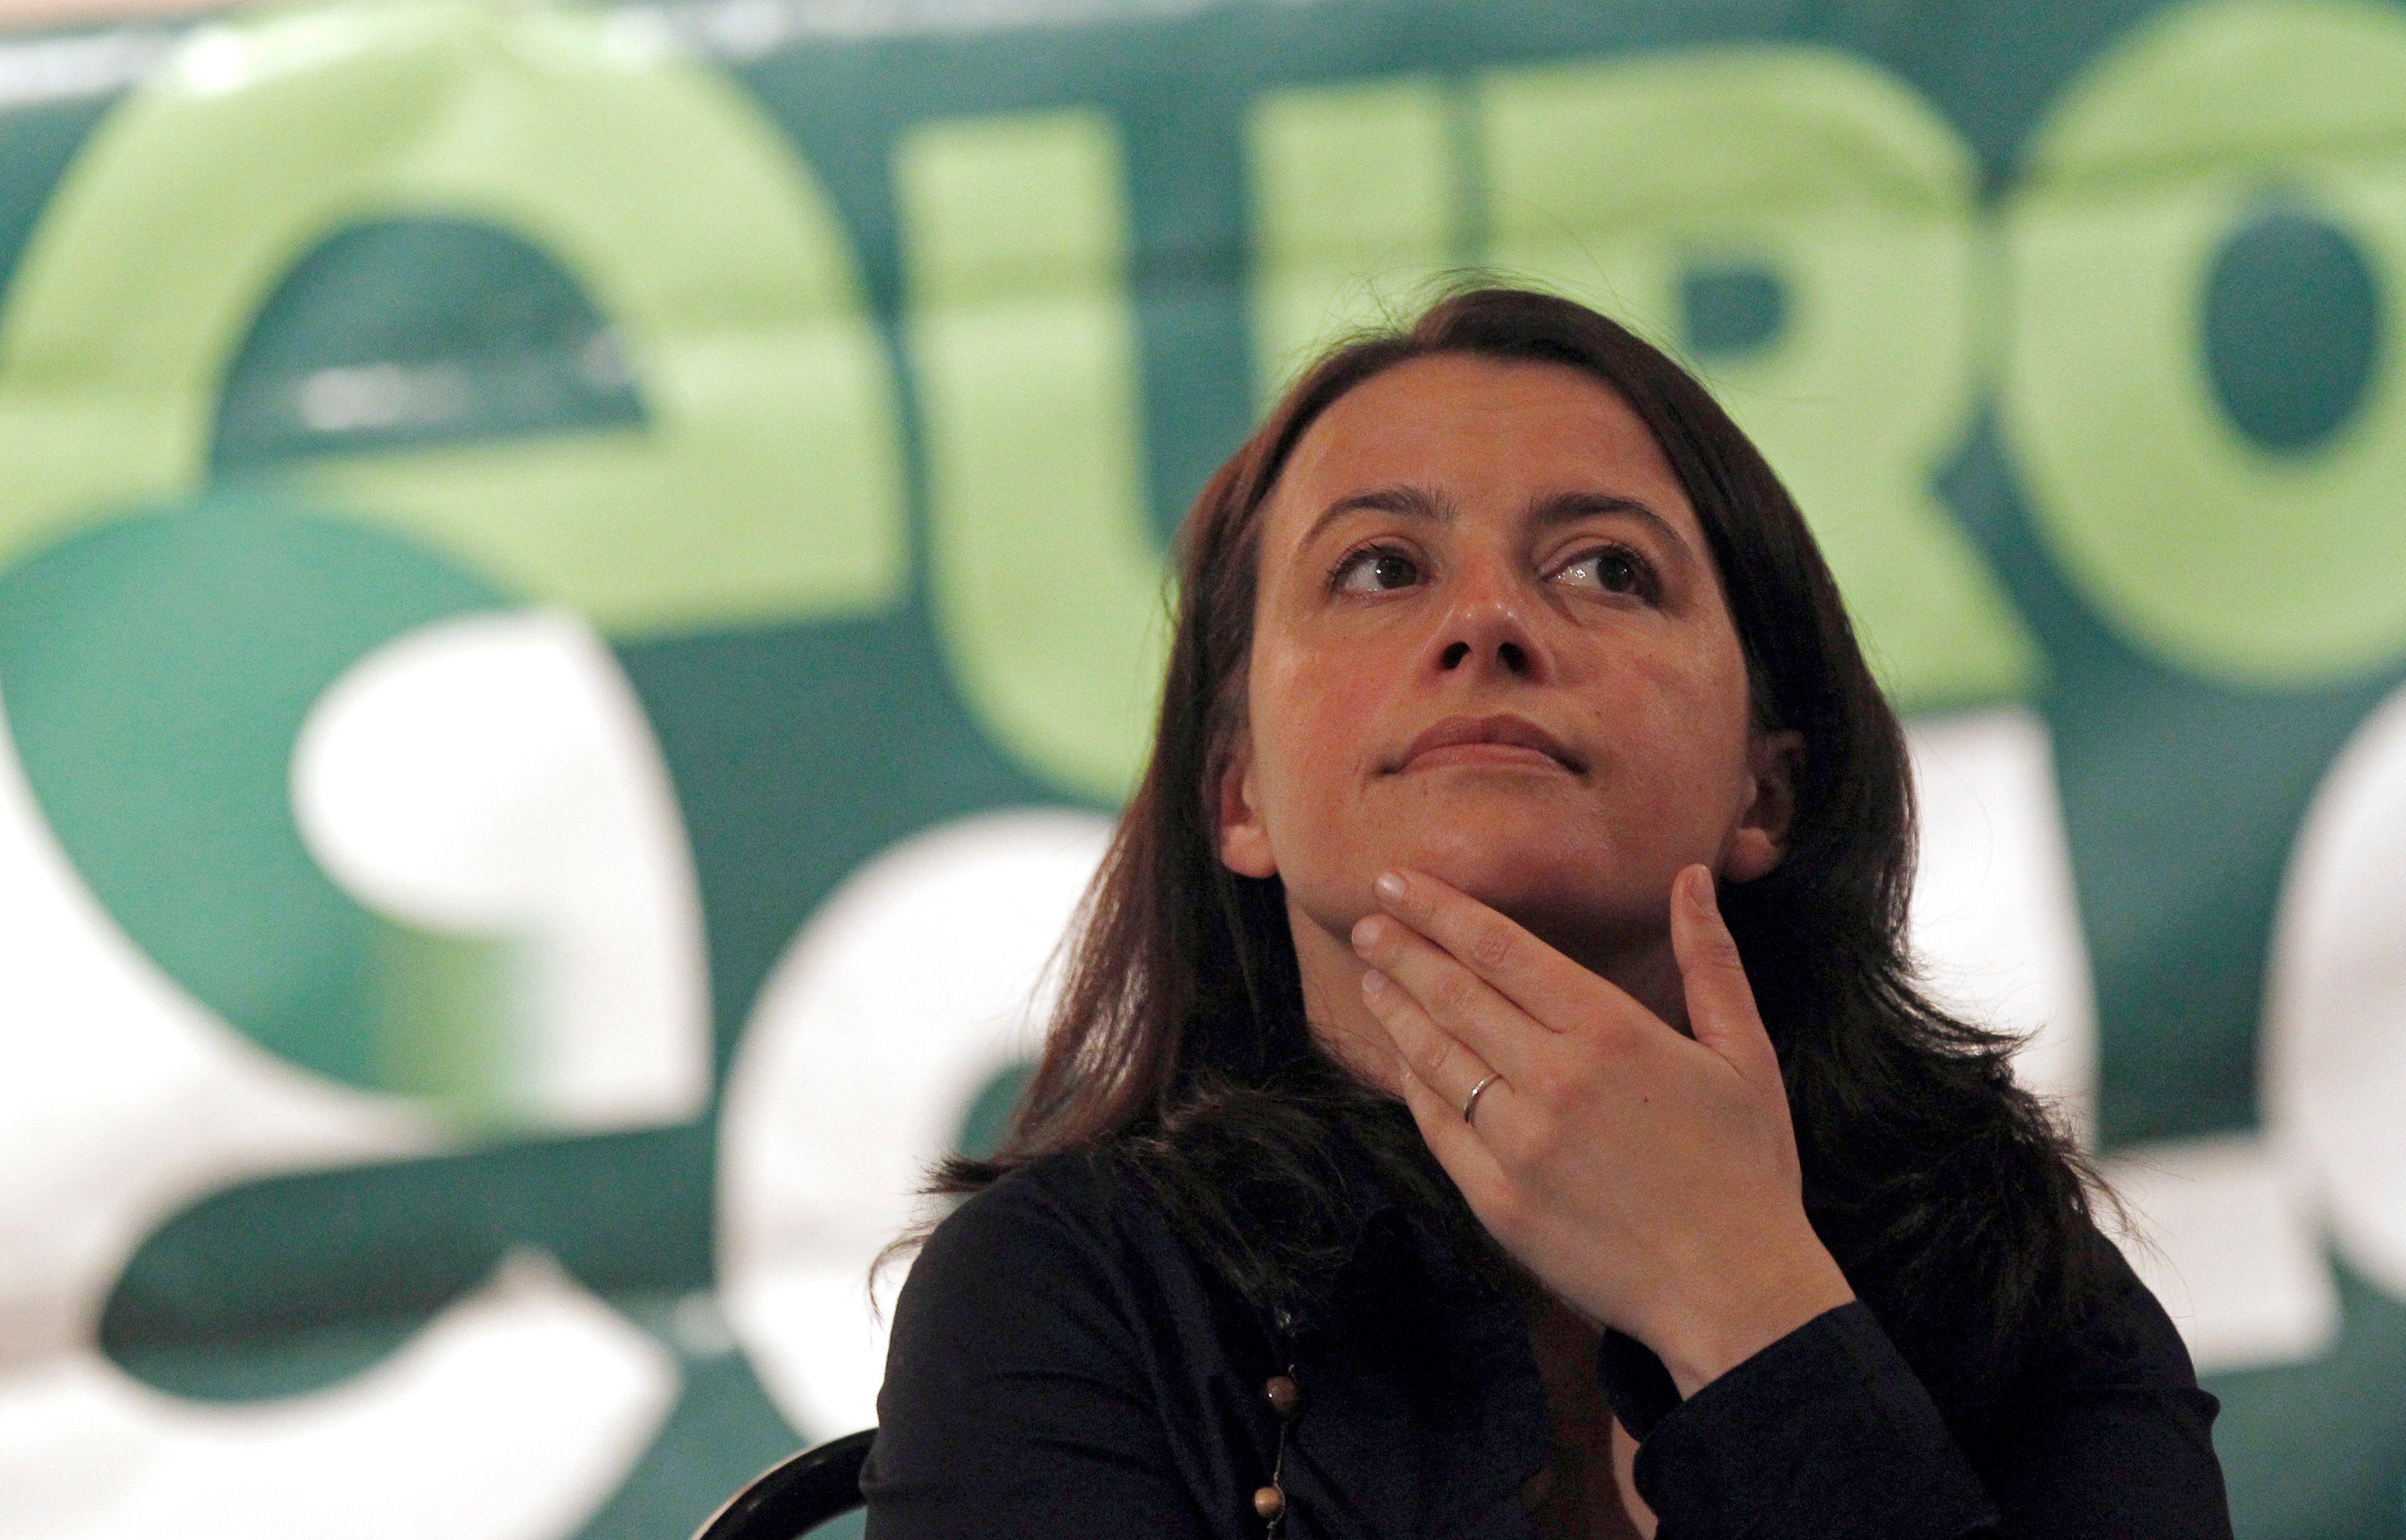 Cécile Duflot quitte la politique : petit bilan de son apport à la vie politique française